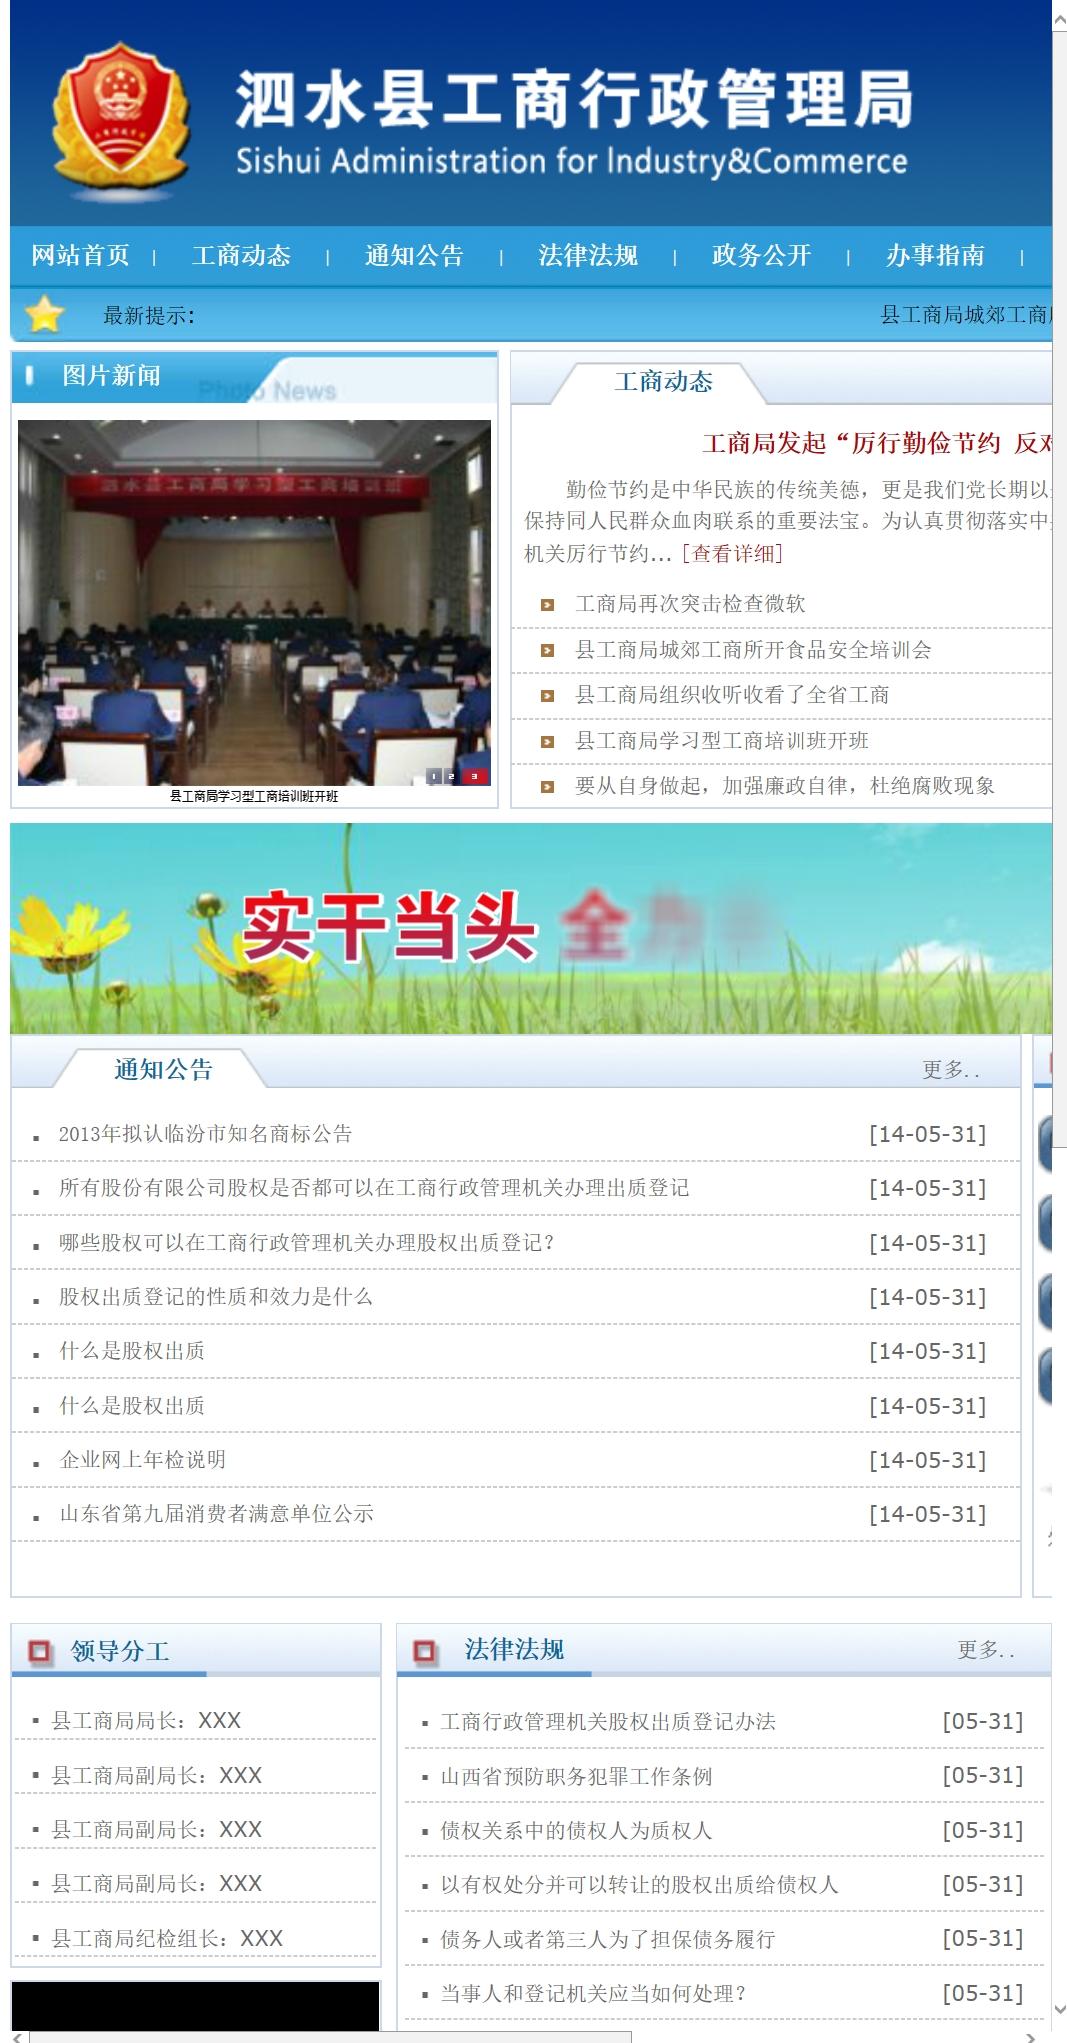 蓝色政府事业单位类网站织梦dedecms模板